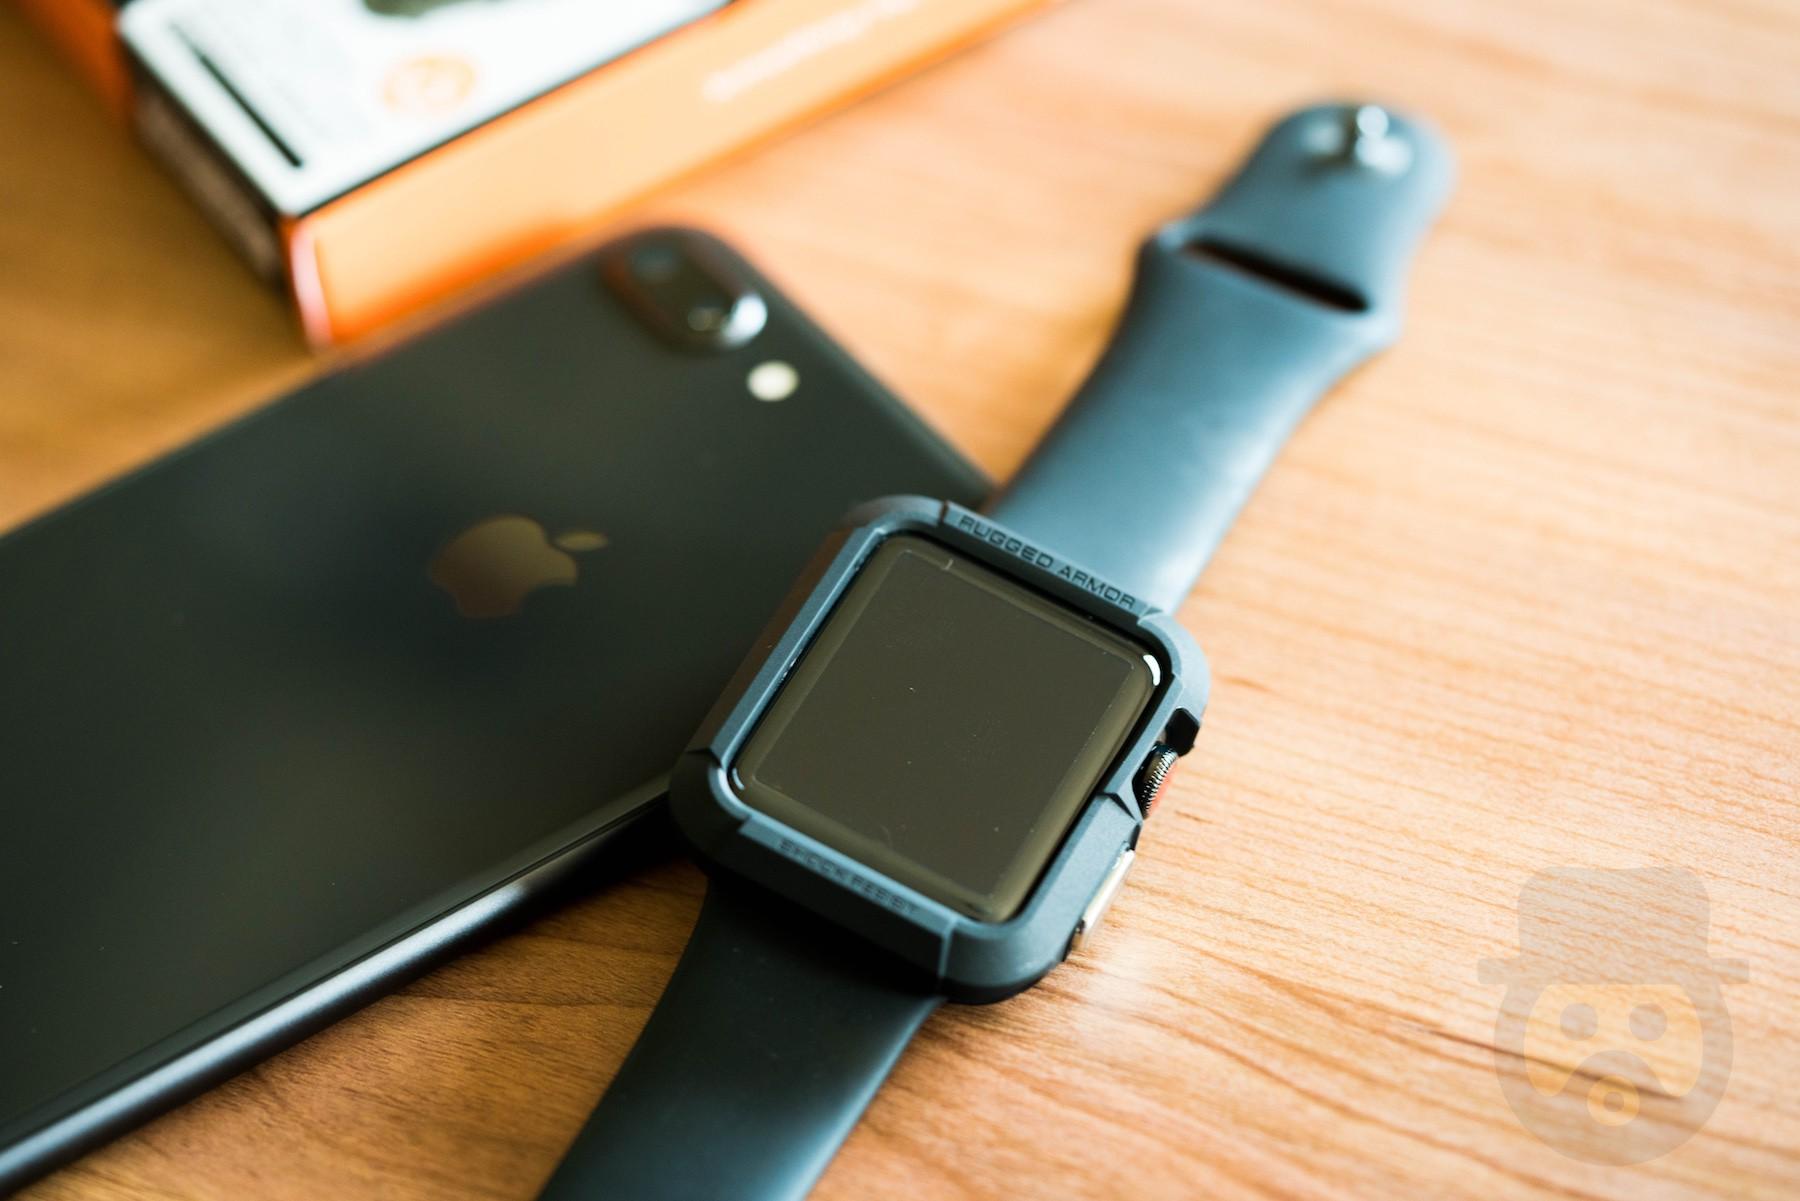 【レビュー】Apple Watch Series 3にSpigen「ラギッド・アーマー」を装着!傷や衝撃からしっかり保護してくれる安心感が抜群!